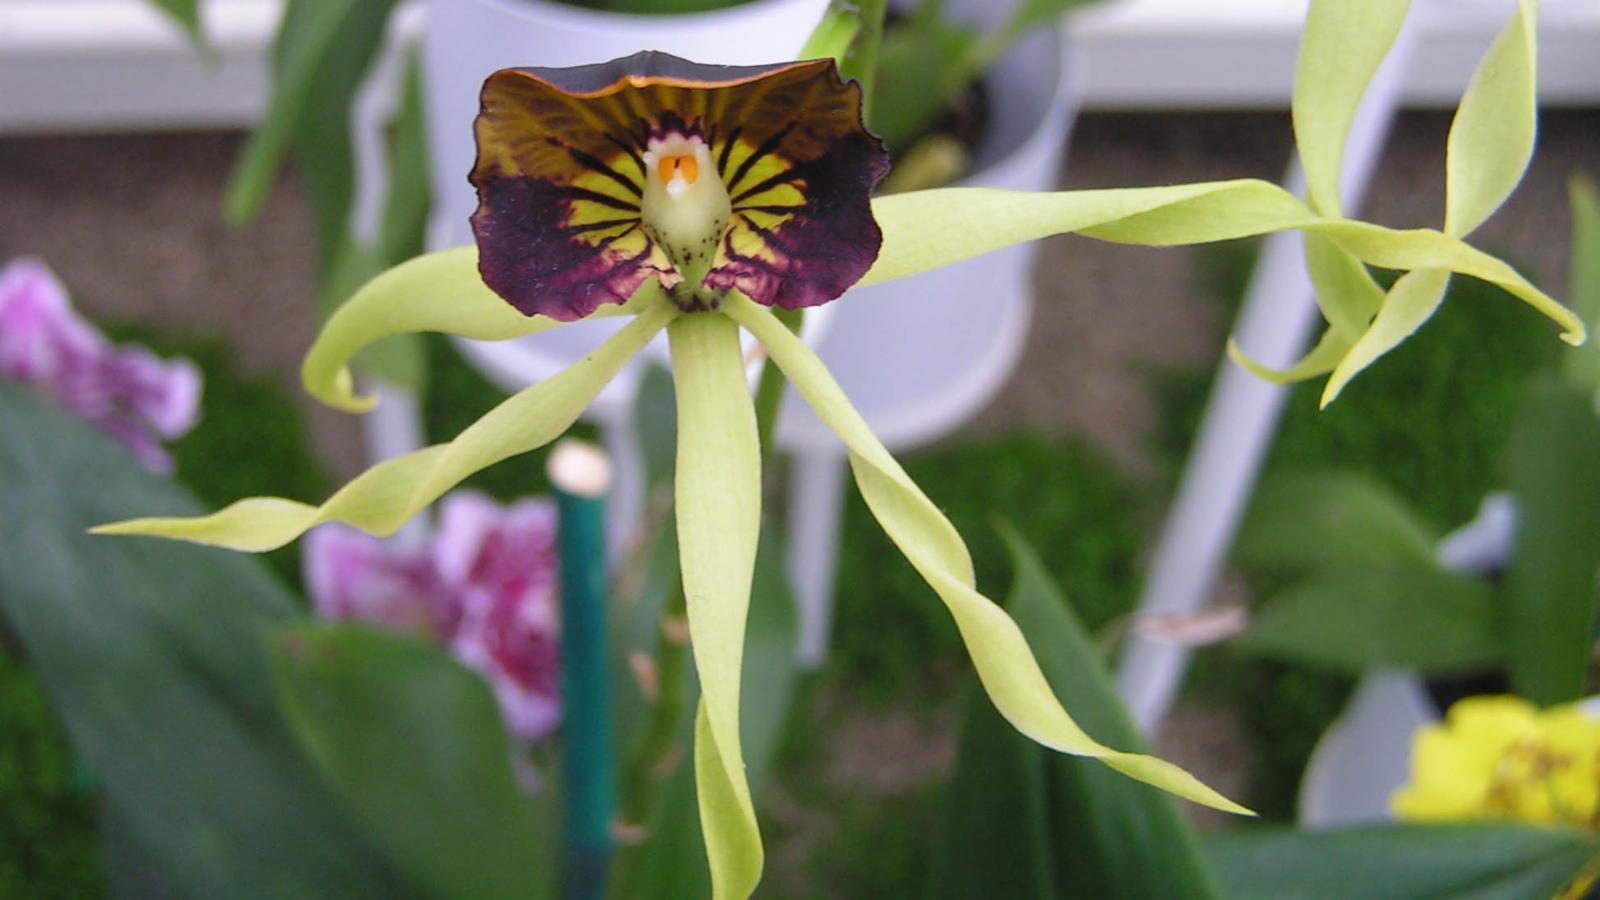 Orquídea que parece polvos: Prosthechea cochleata